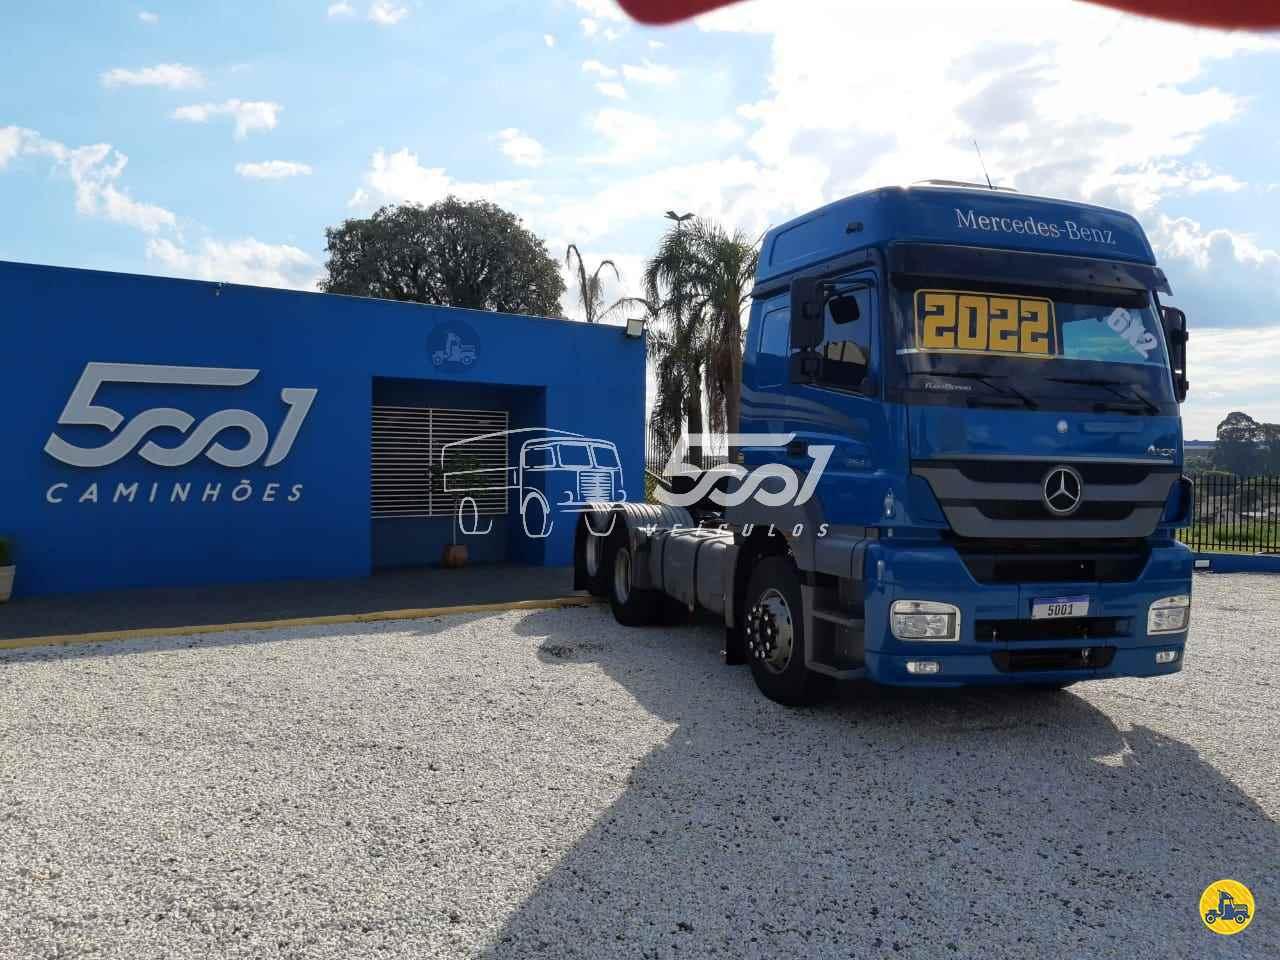 CAMINHAO MERCEDES-BENZ MB 2544 Cavalo Mecânico Truck 6x2 5001 Veículos - Ponta Grossa PONTA GROSSA PARANÁ PR